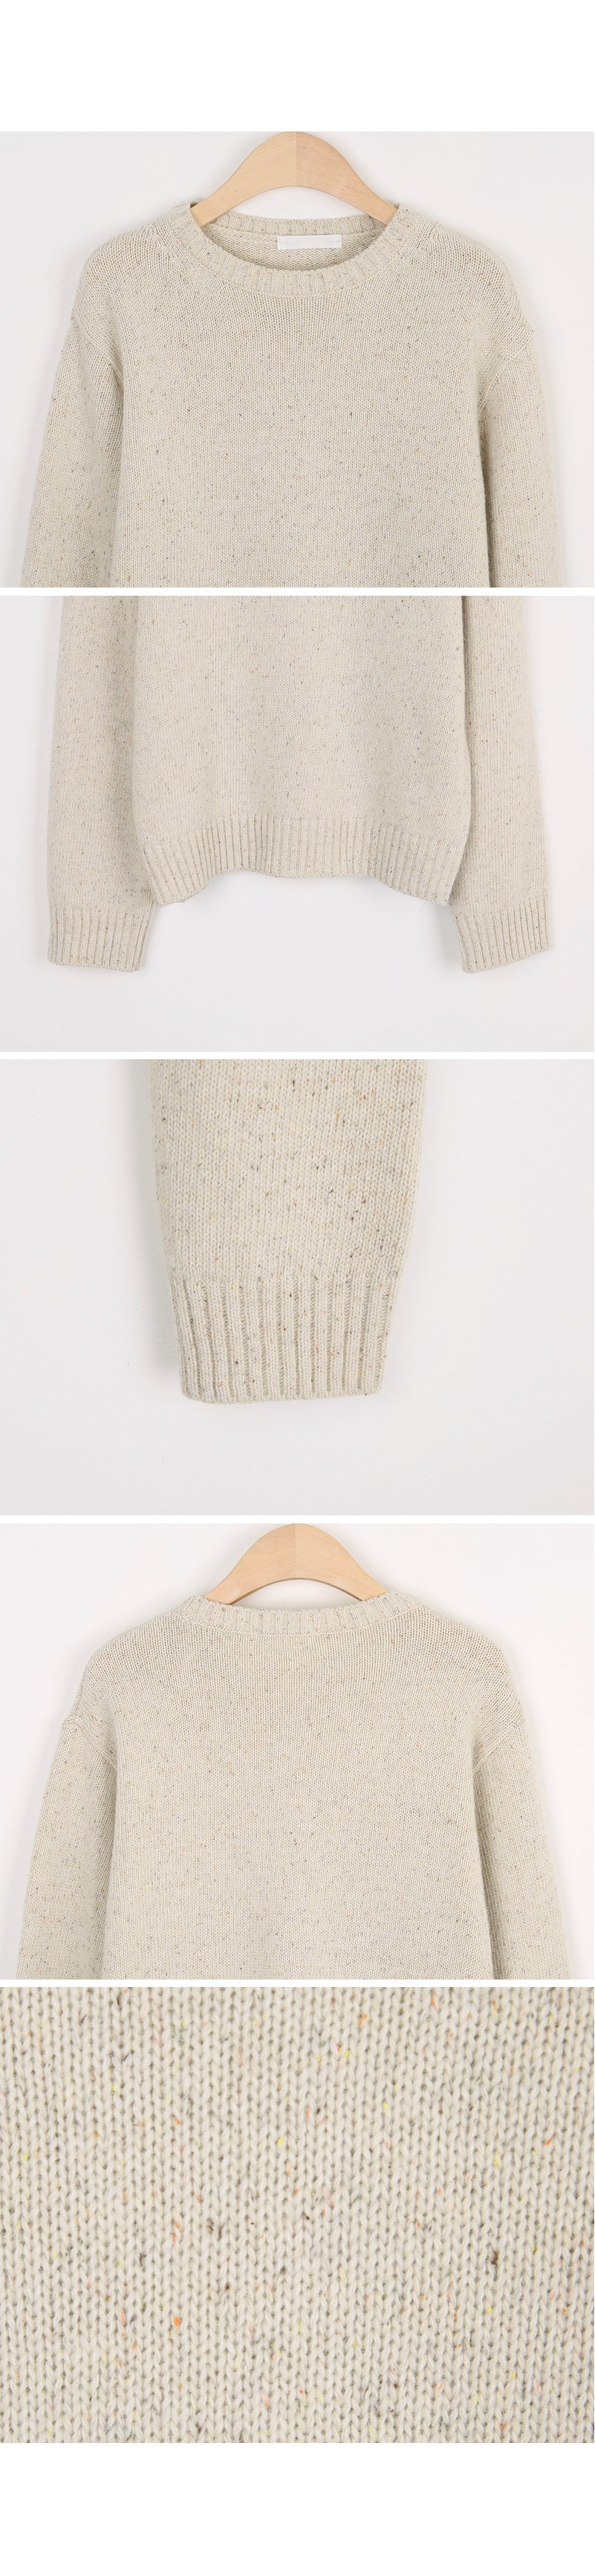 Oreo Knit